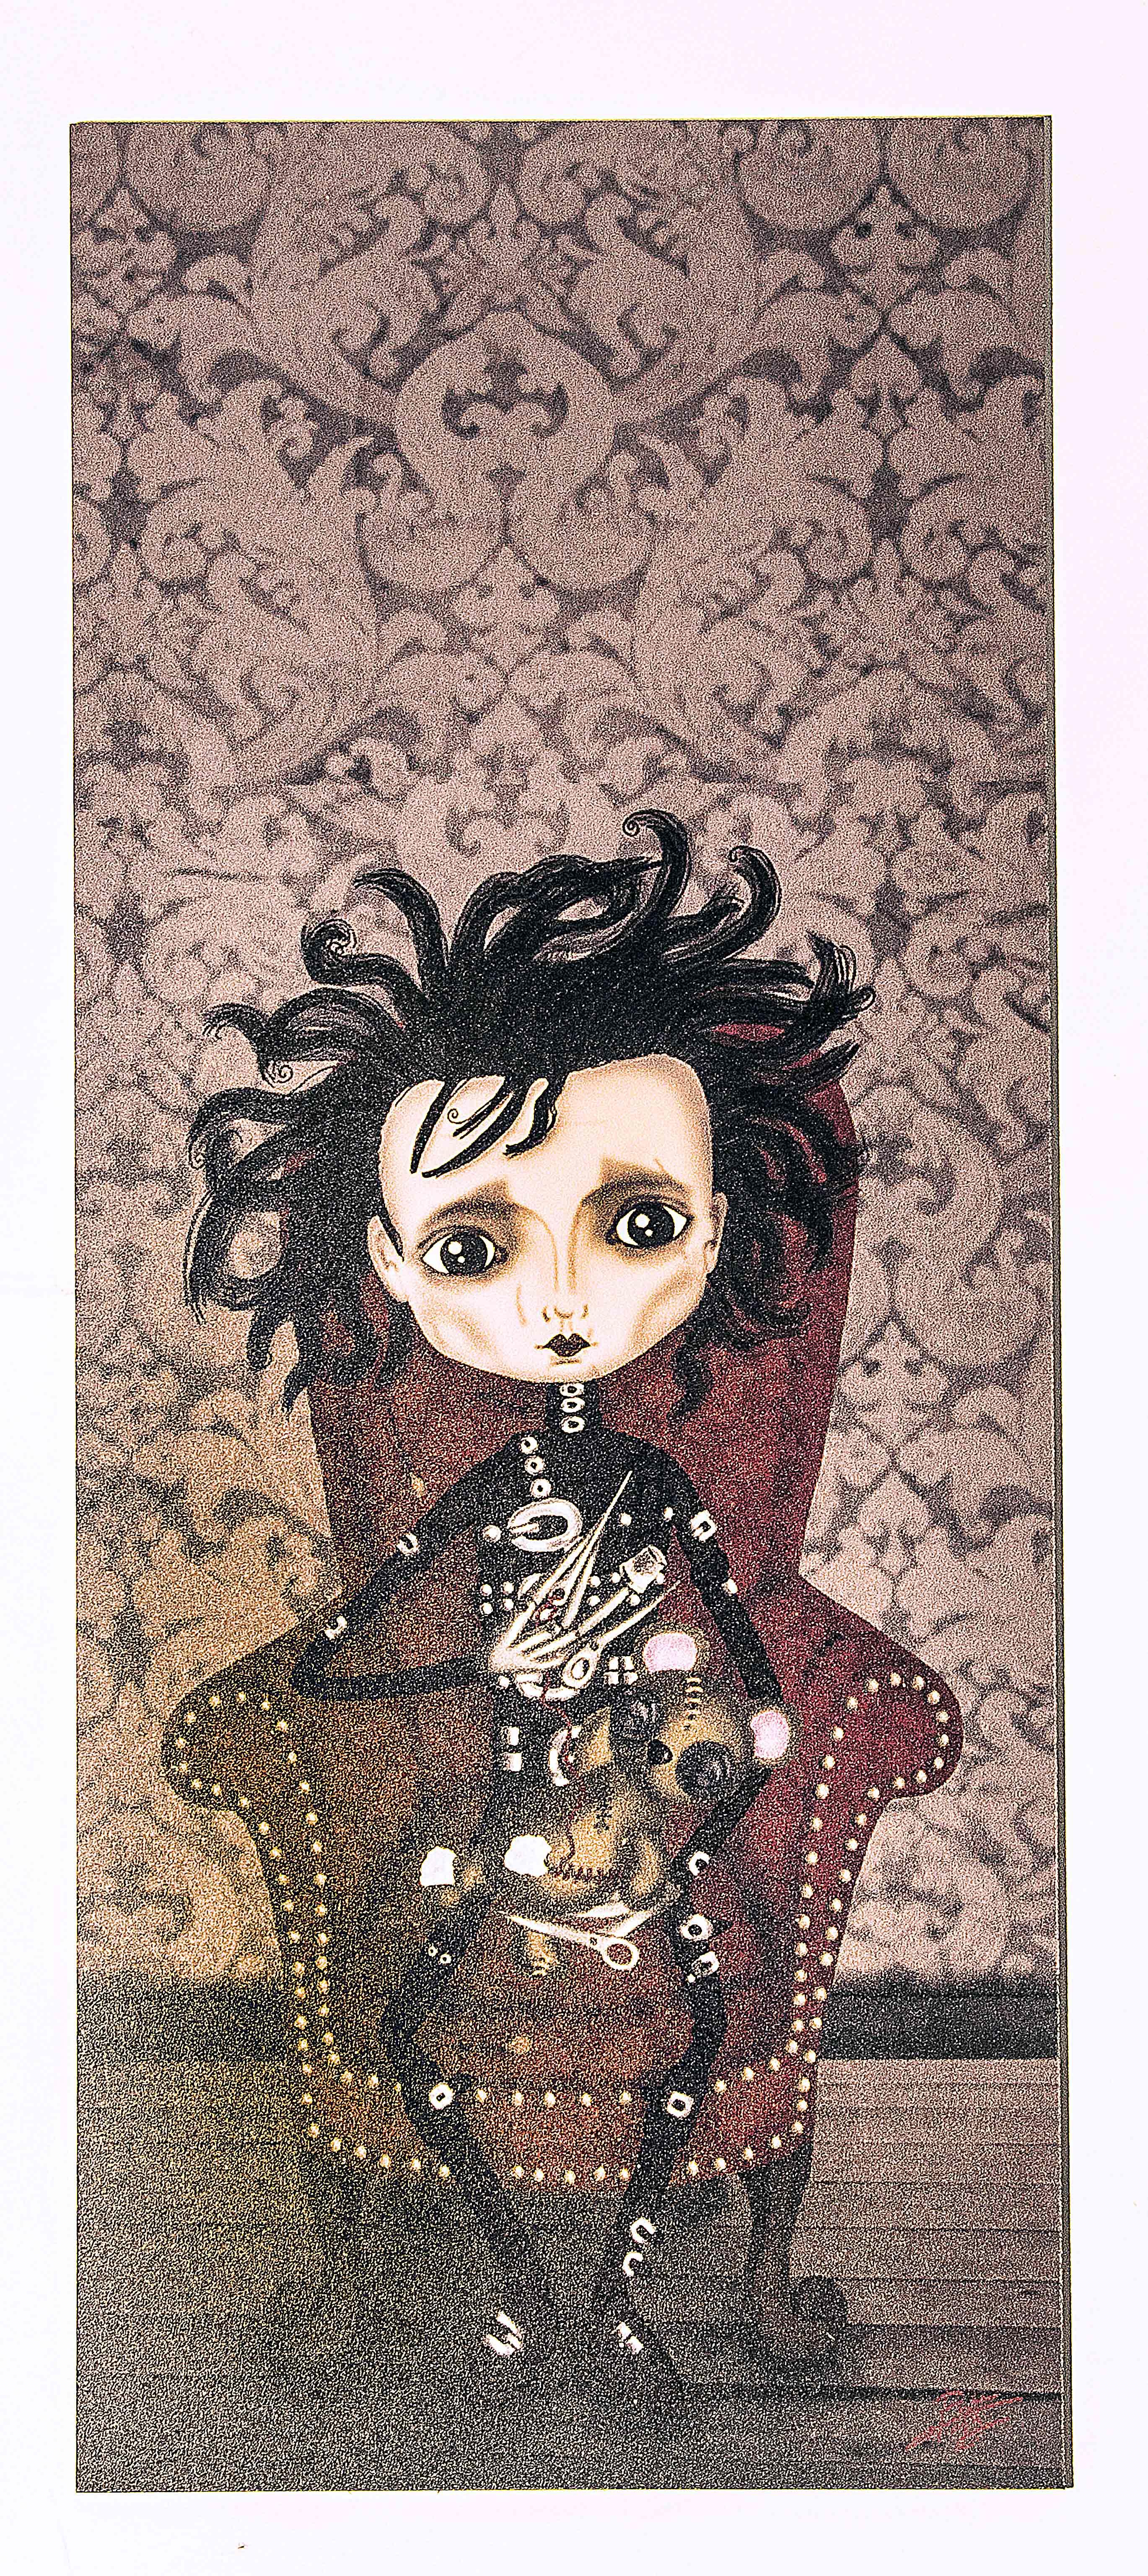 ilustración original decoración regalo placa pvc pelicula eduardo manostijeras tim burton gotico steampunk amor siniestro